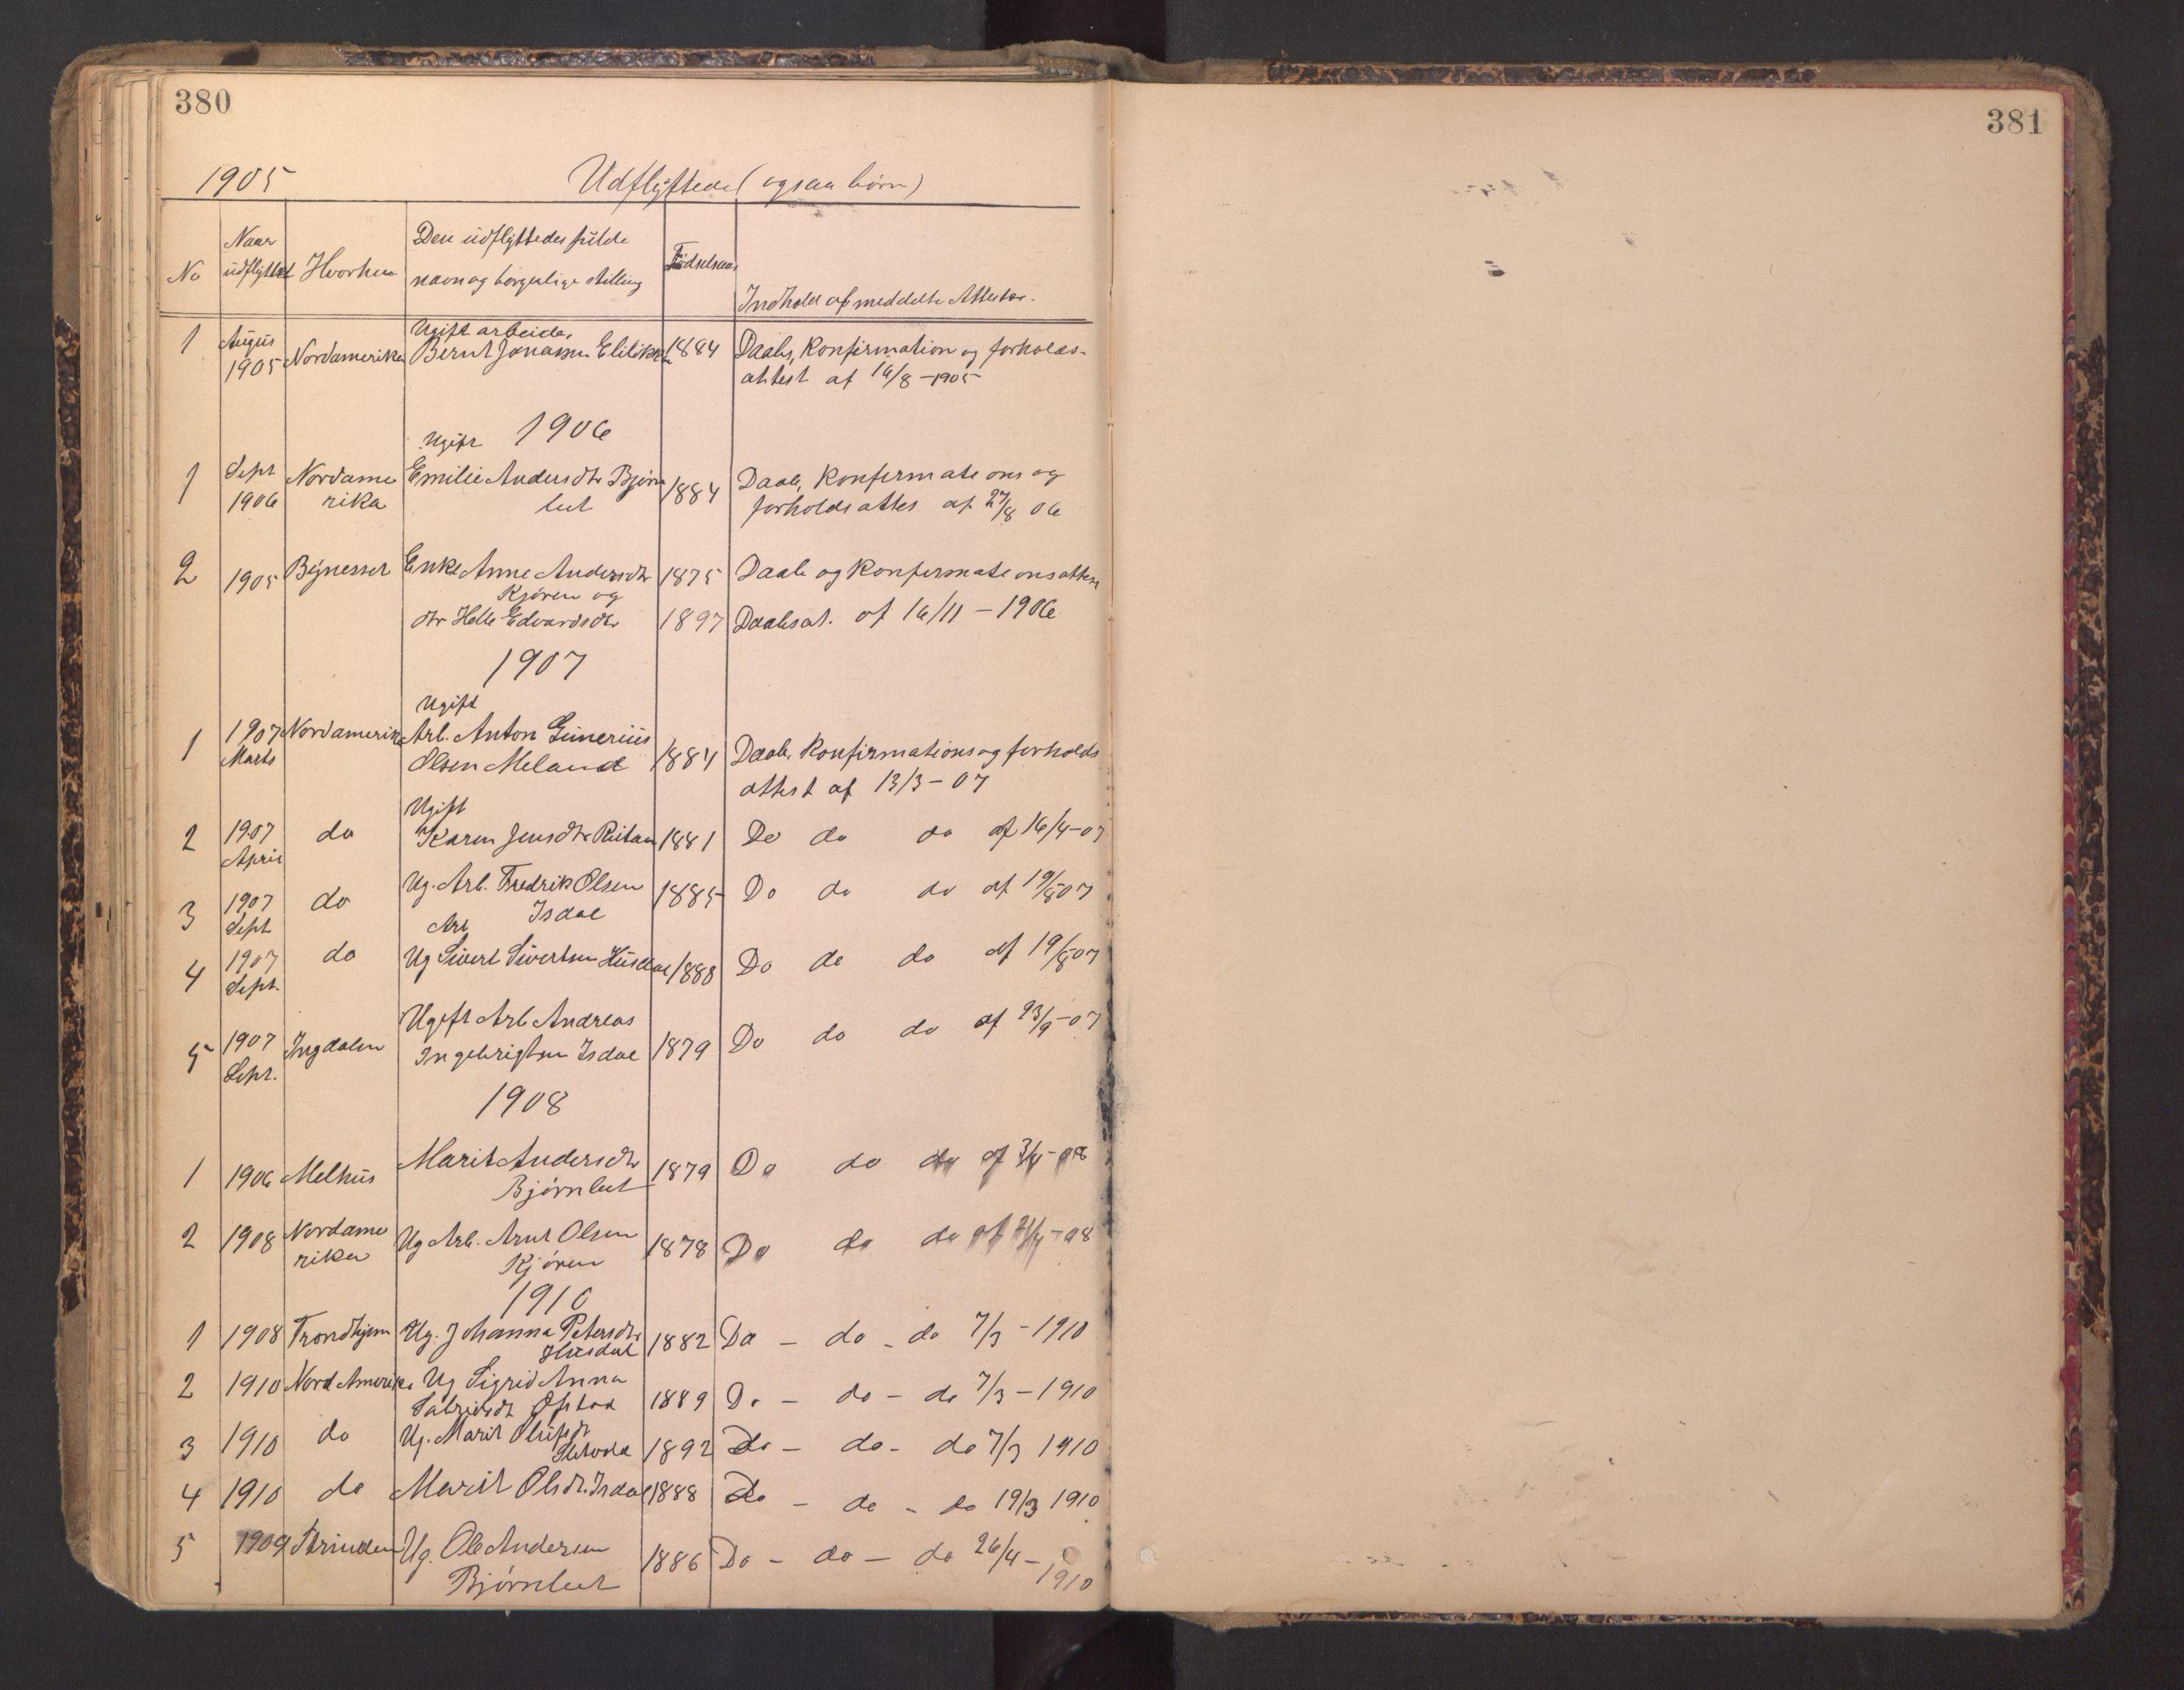 SAT, Ministerialprotokoller, klokkerbøker og fødselsregistre - Sør-Trøndelag, 670/L0837: Klokkerbok nr. 670C01, 1905-1946, s. 380-381